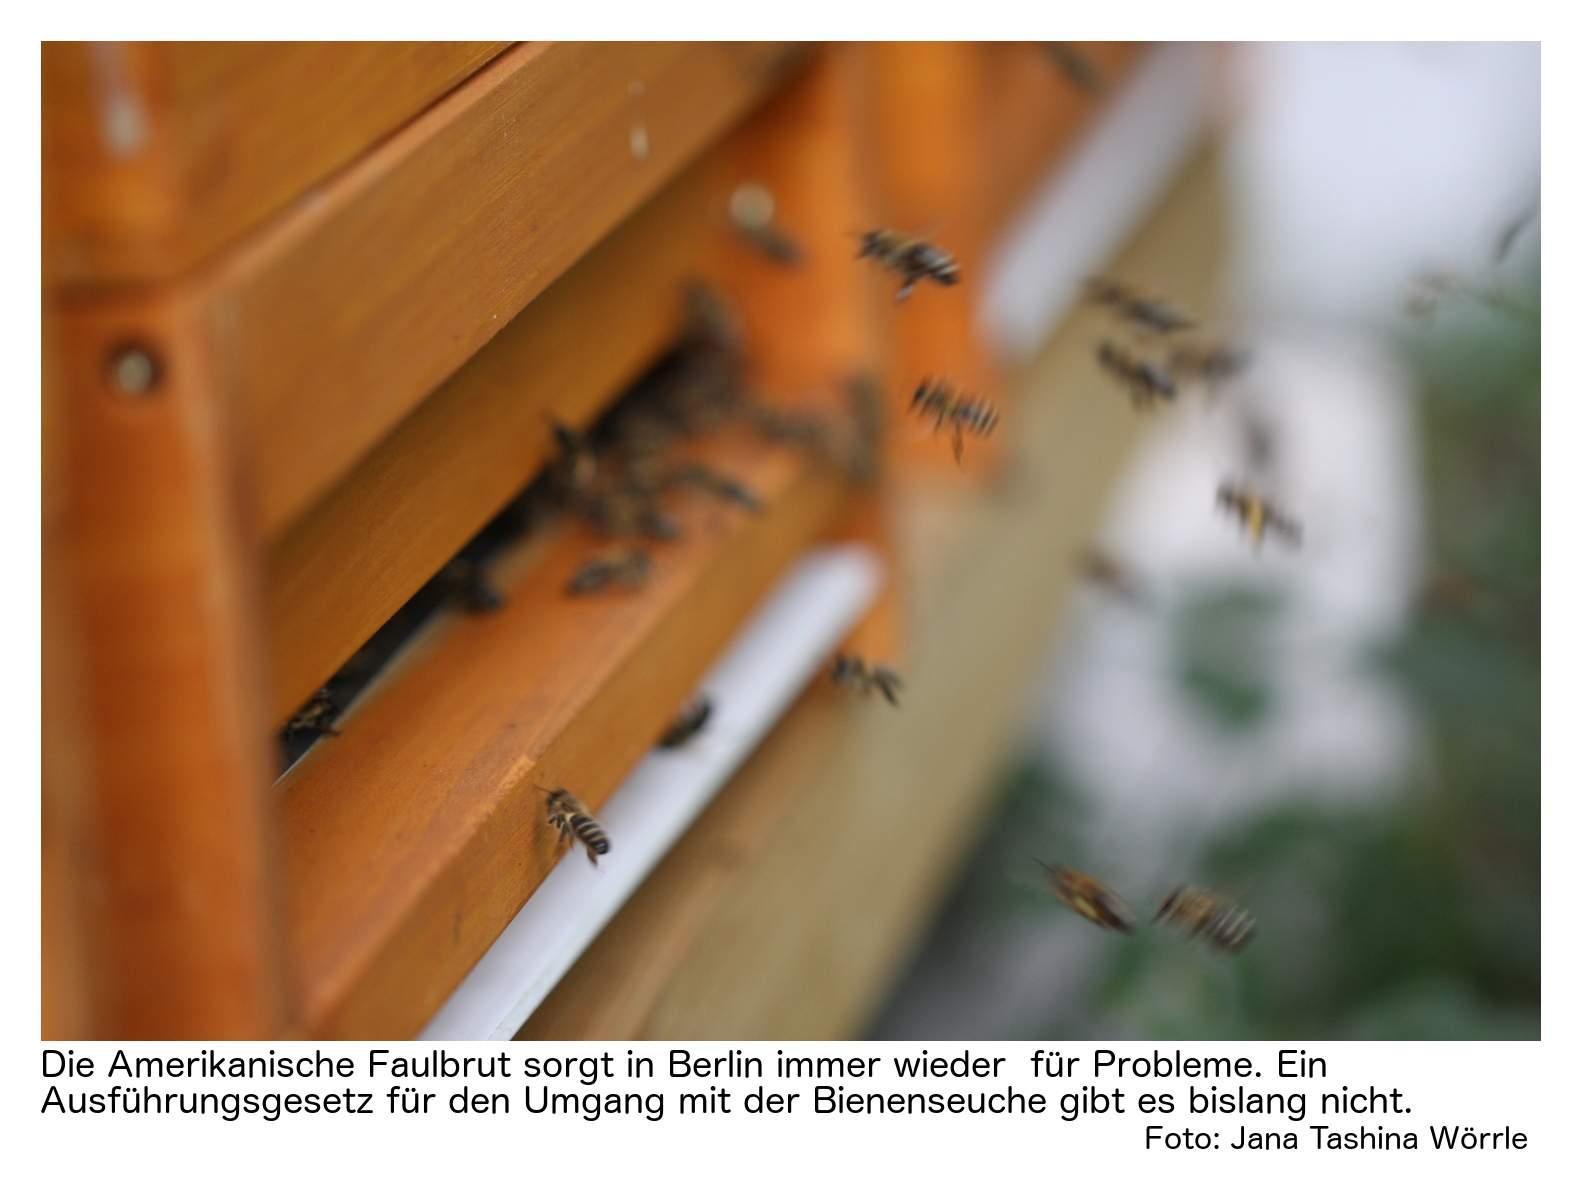 Bienenstock Im Garten Das Beste Von Amerikanische Faulbrut Wenn Fehlende Vorschriften Zum